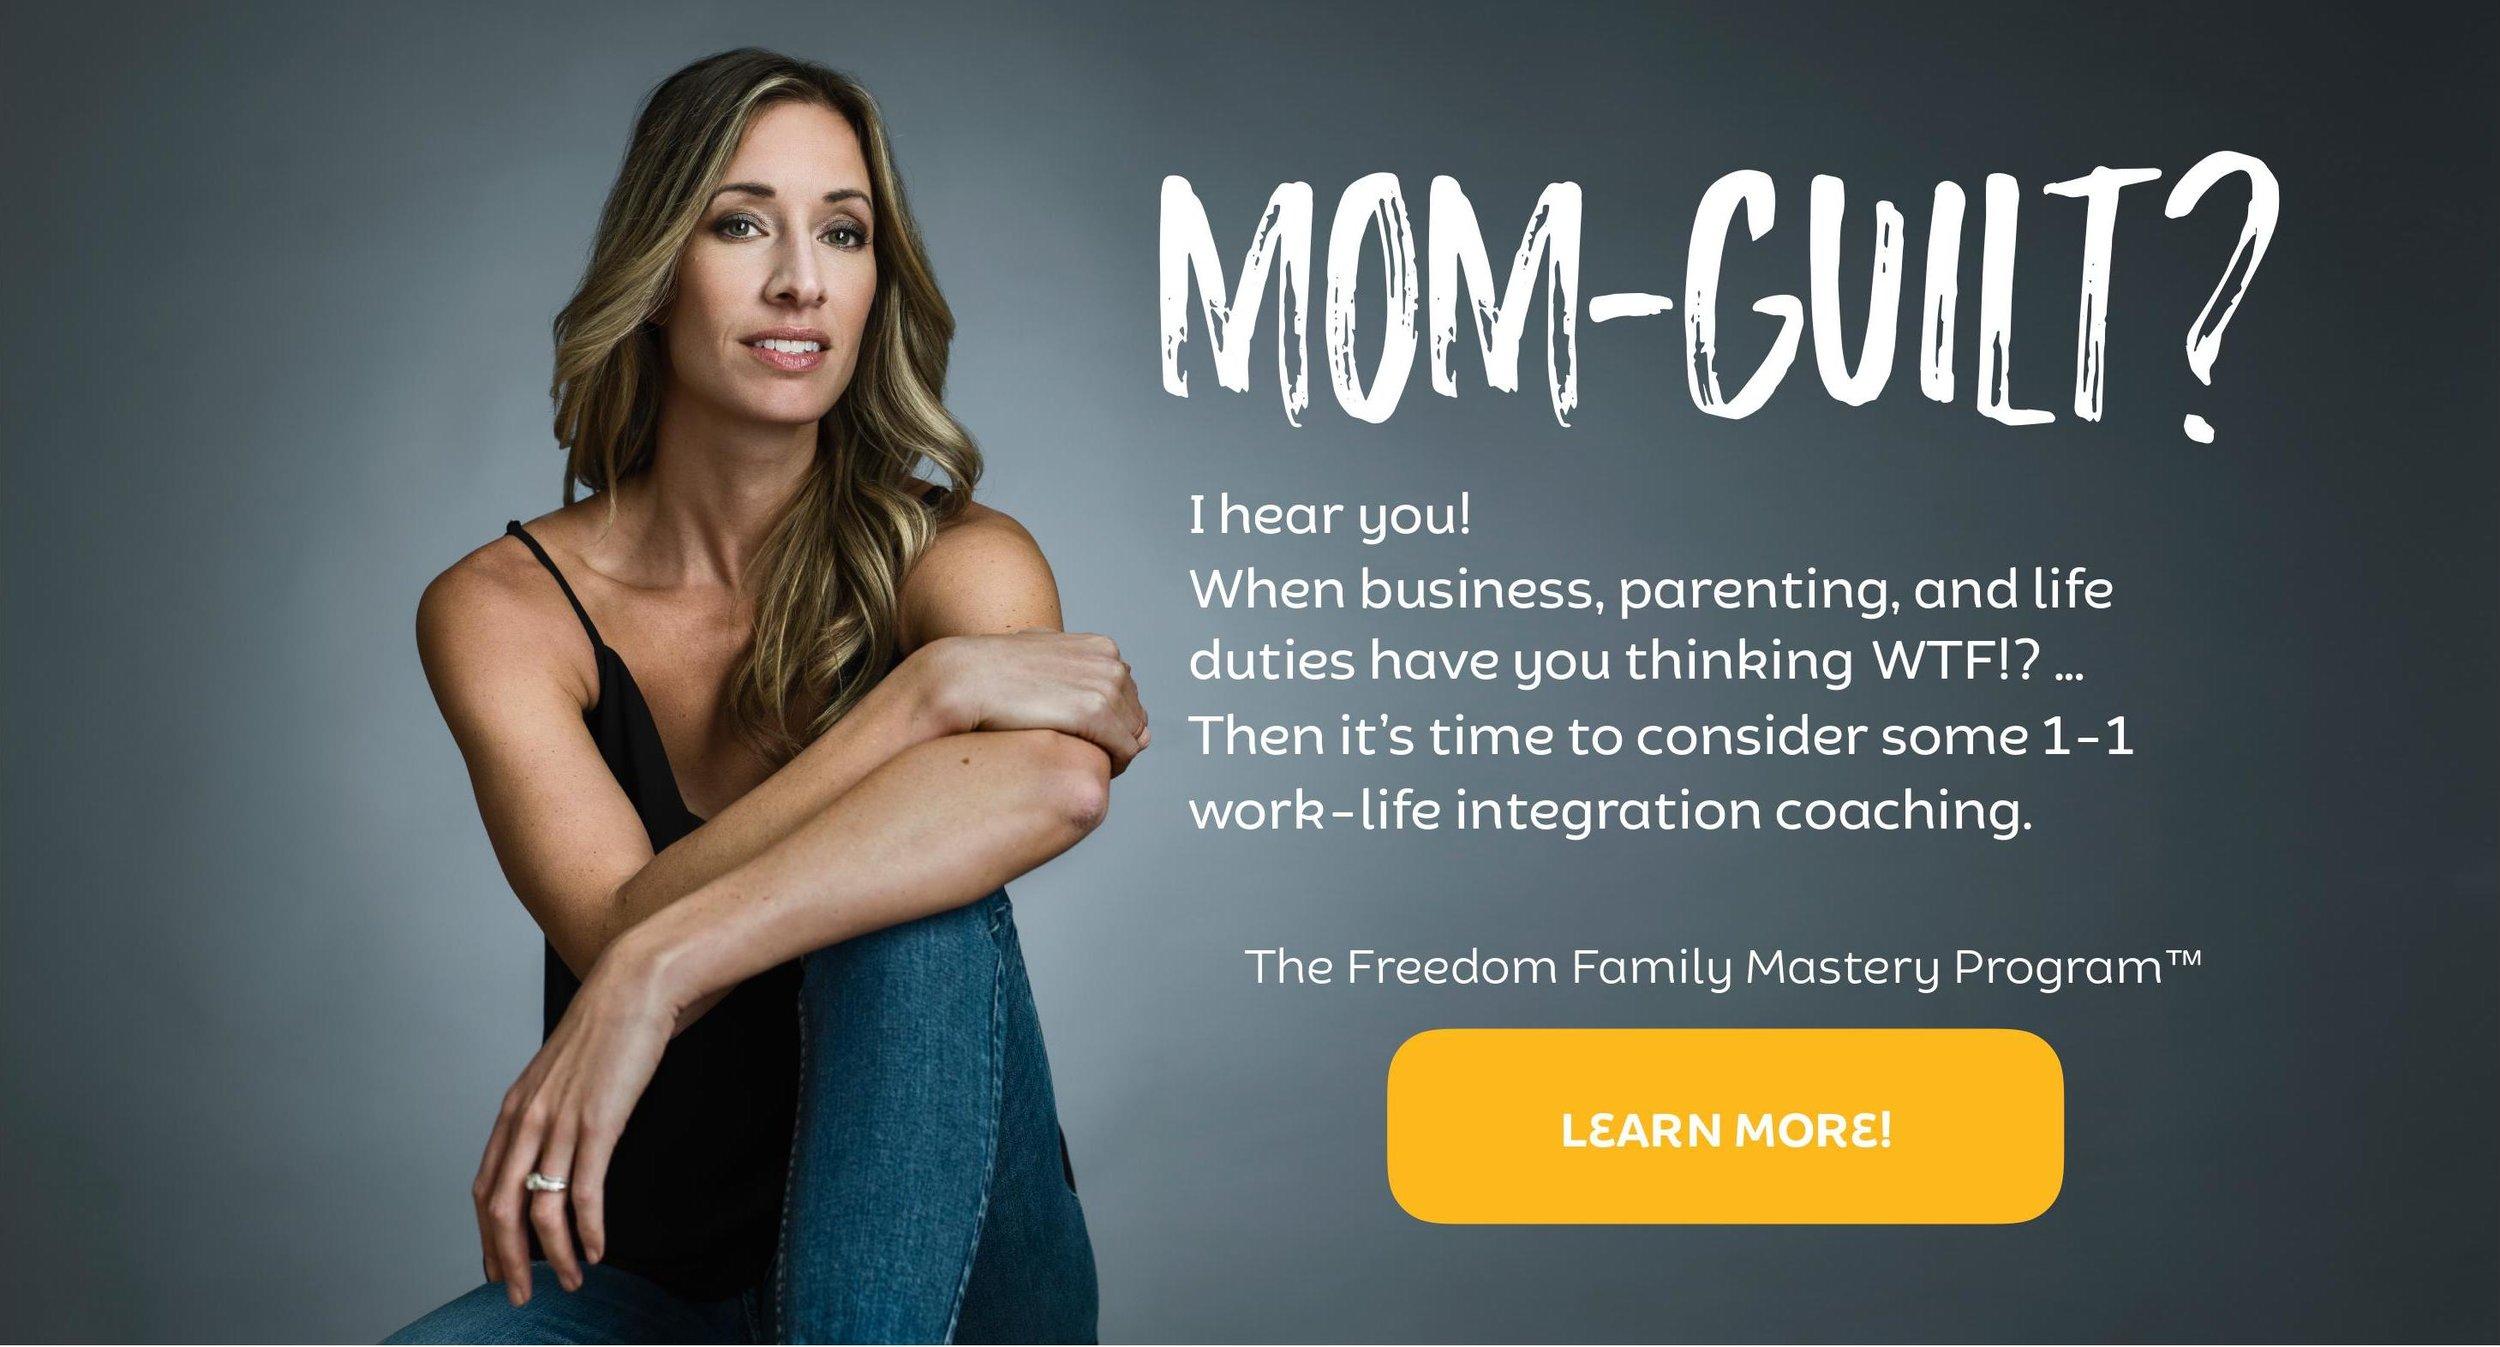 Mom guilt, mompreneur guilt